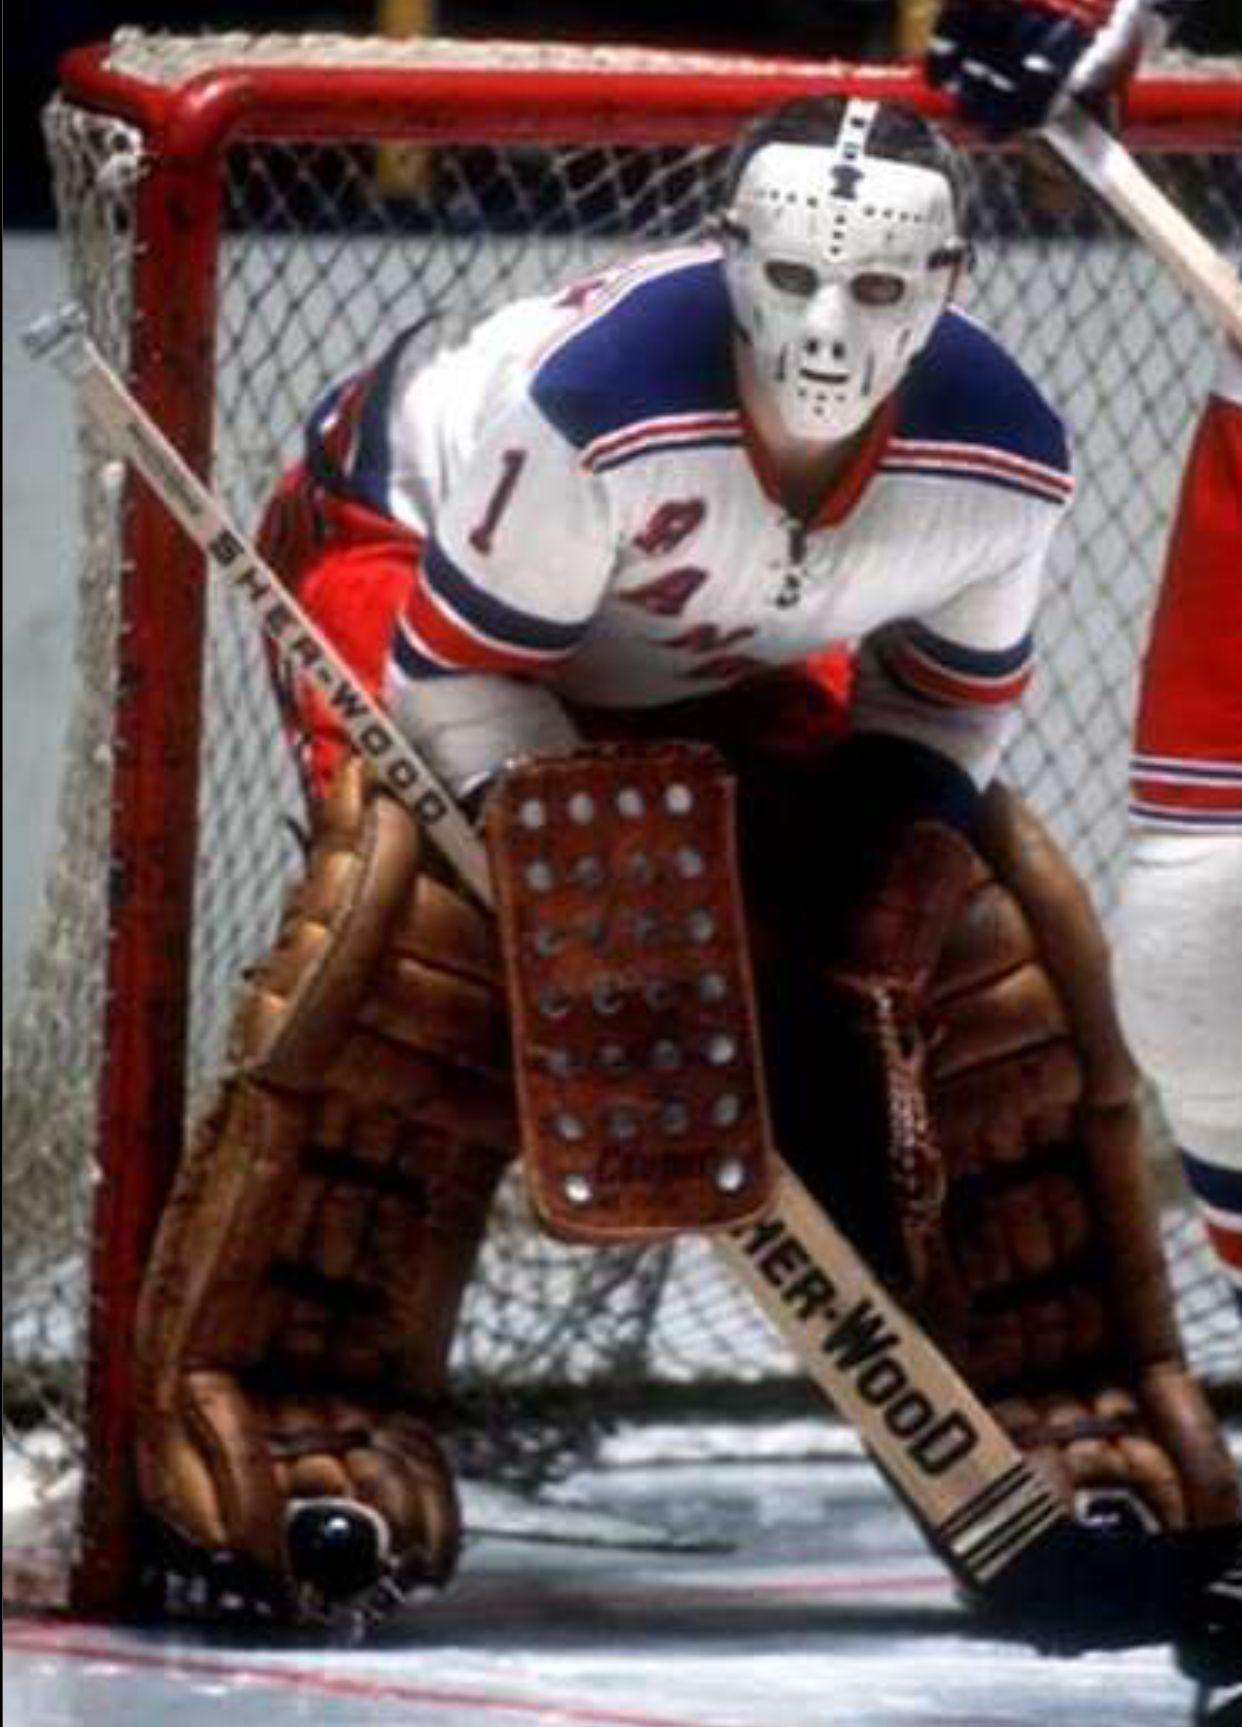 Ed (196576) Goalie mask, Rangers hockey, New